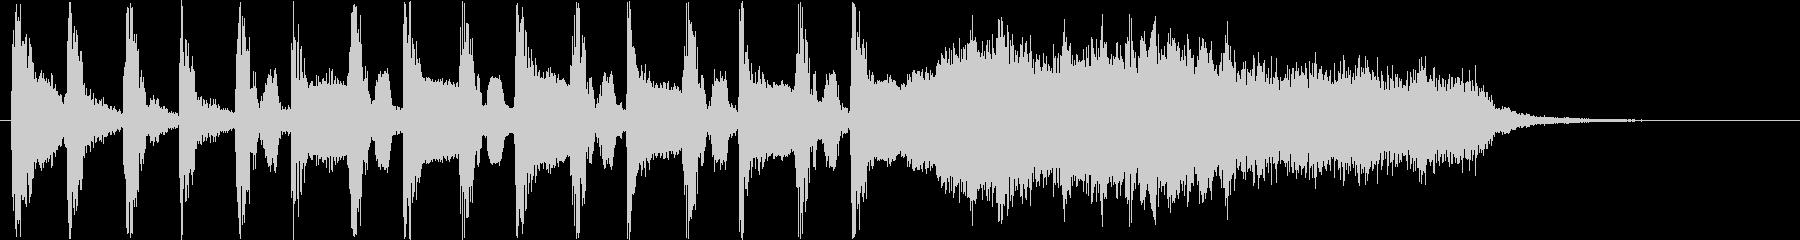 ミステリアスな音階のピアノの効果音の未再生の波形